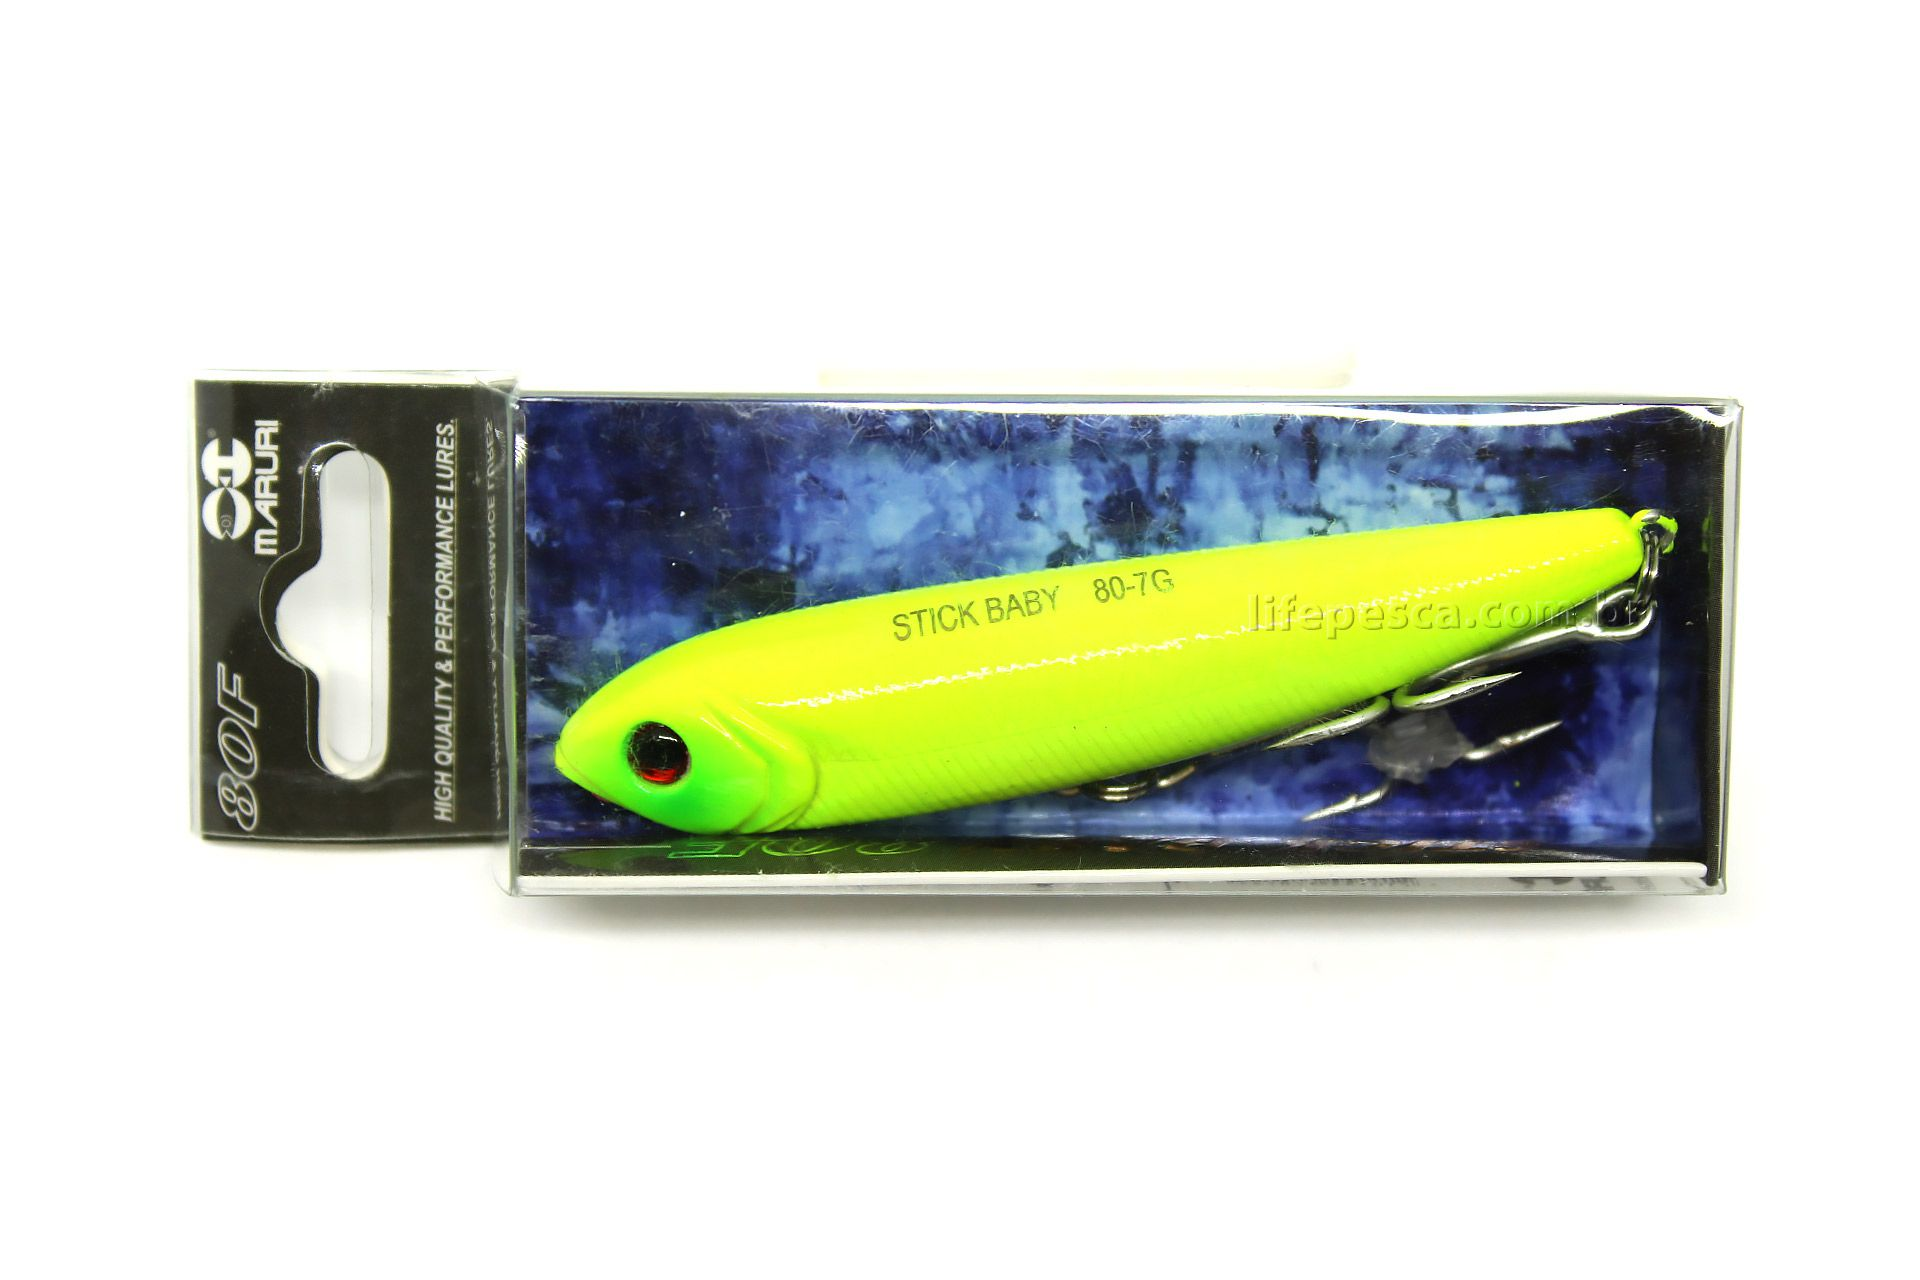 Isca Artificial Maruri - Stick Baby 80 - 7gr Várias Cores  - Life Pesca - Sua loja de Pesca, Camping e Lazer